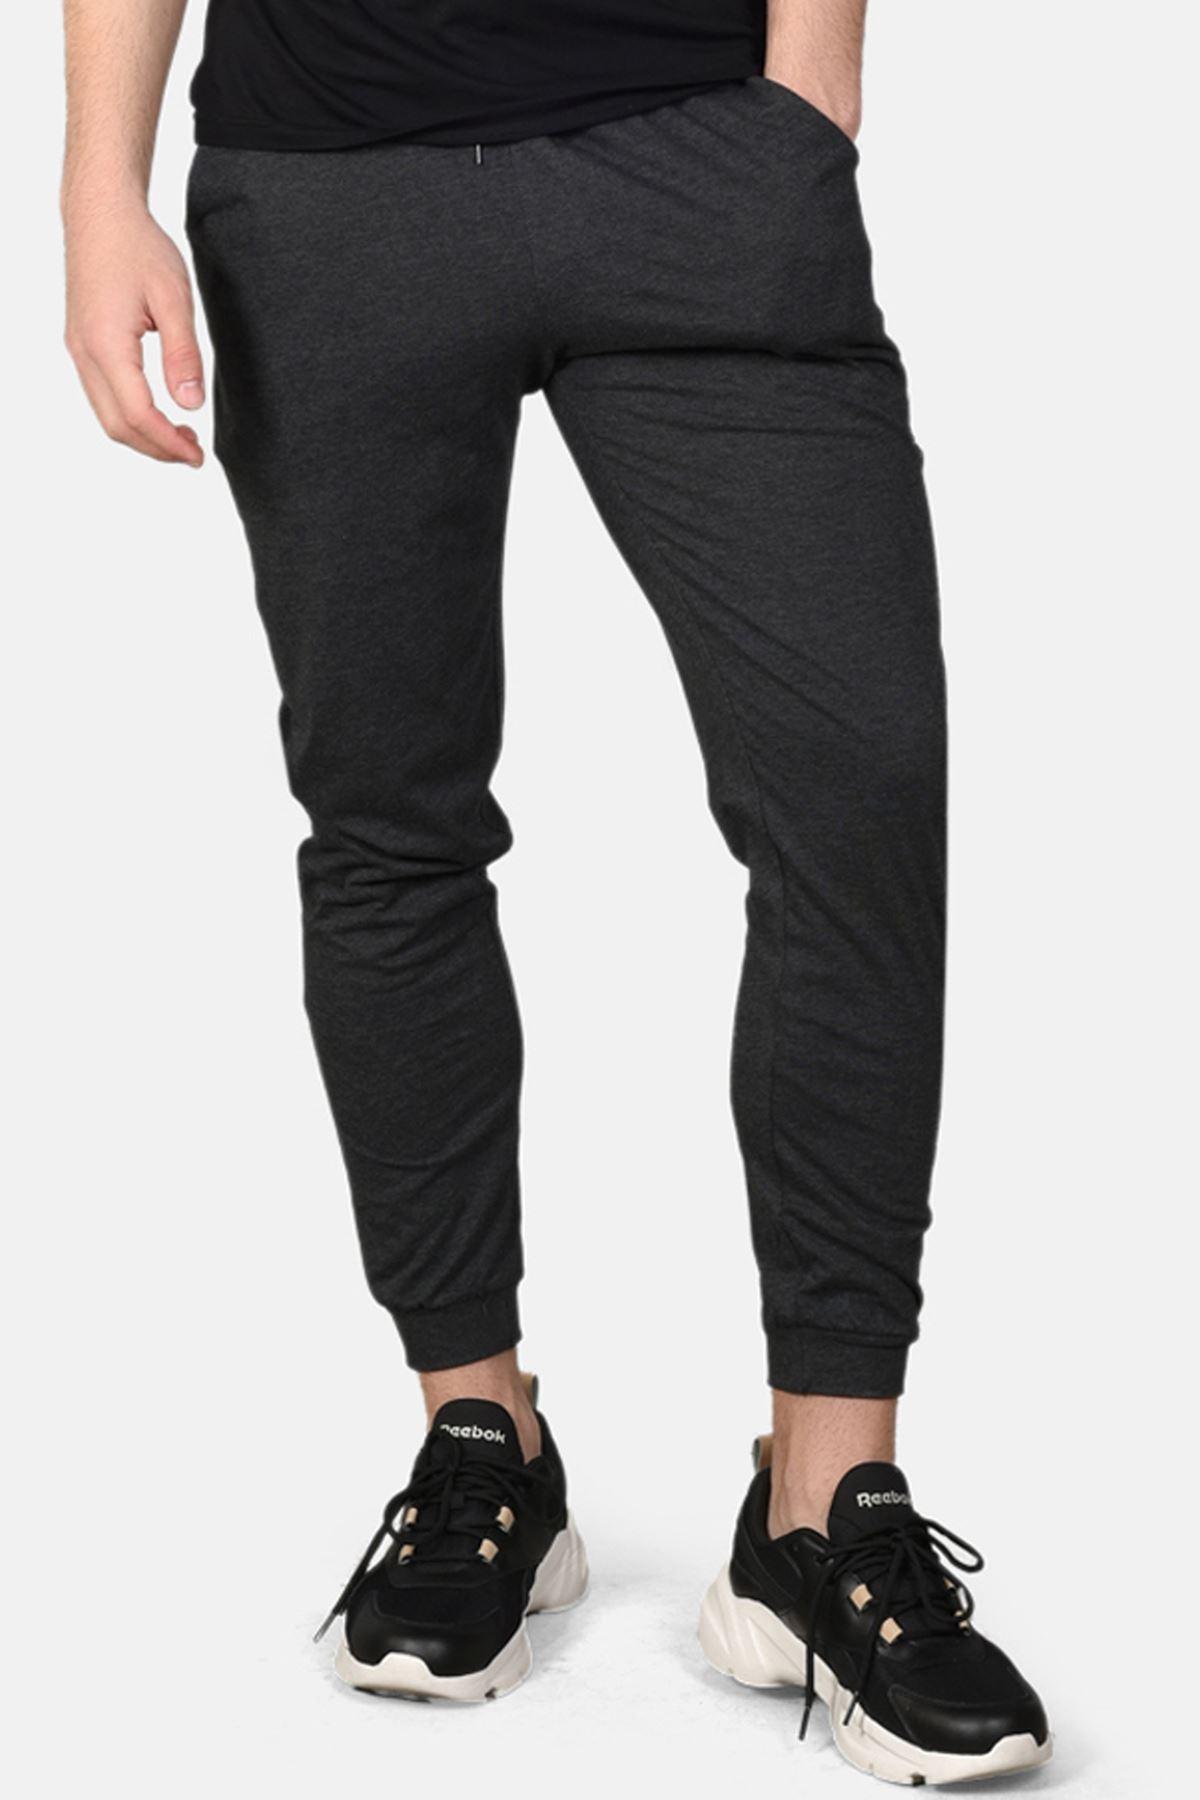 Malabadi Erkek Antrasit Alt Siyah Üst Yuvarlak Yaka Yazlık Pijama Takımı M564